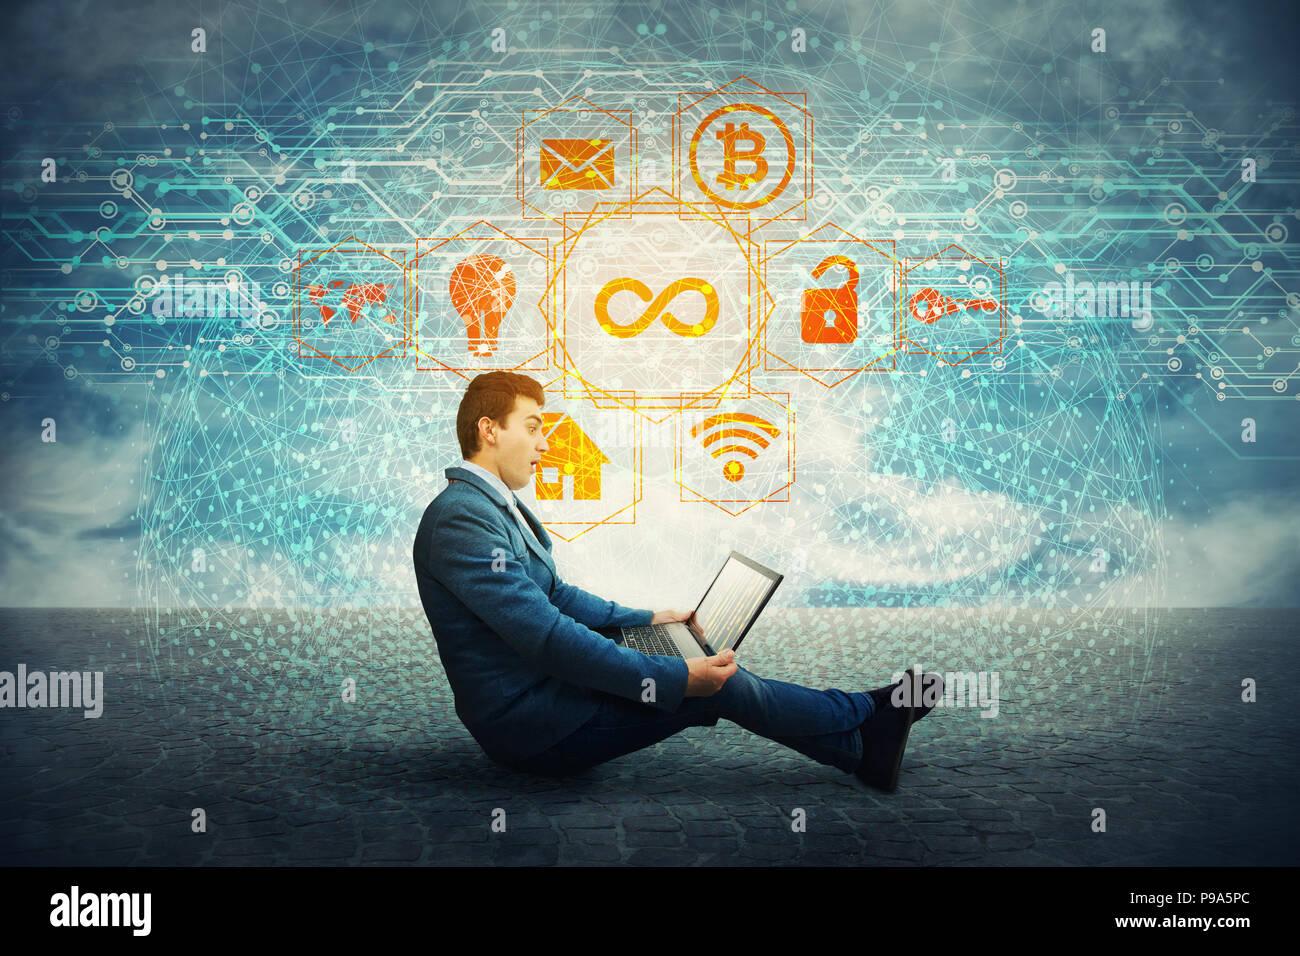 Begeistert Schüler einen Laptop als realistisches Hologramm aus dem Bildschirm kommen. Moderne Welt Entertainment und Business Computer Technologie. Unendlich Stockbild